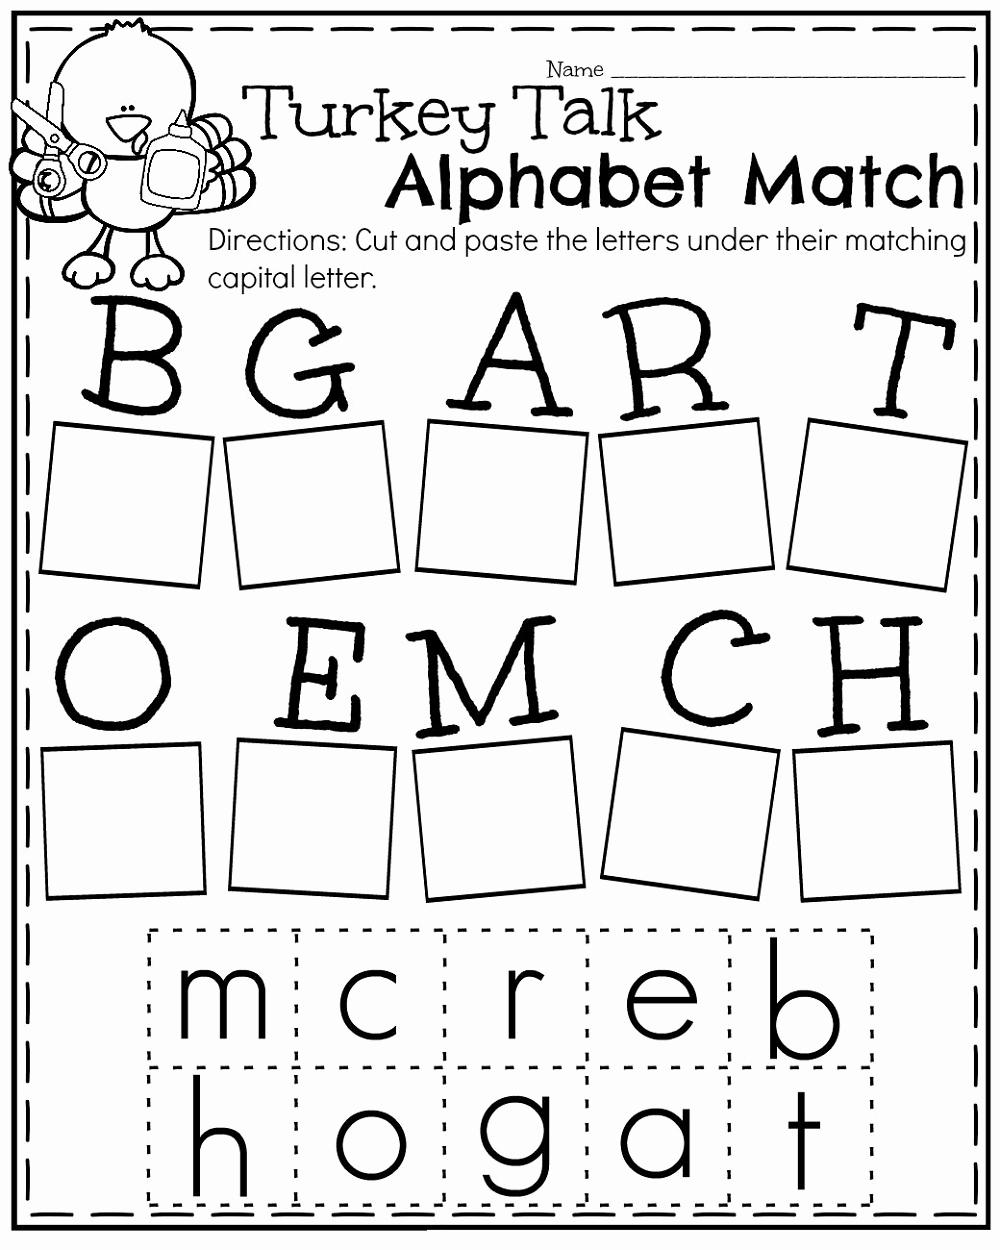 Alphabetical order Worksheets 2nd Grade Elegant Free 2nd Grade Halloween Alphabetical order Worksheets